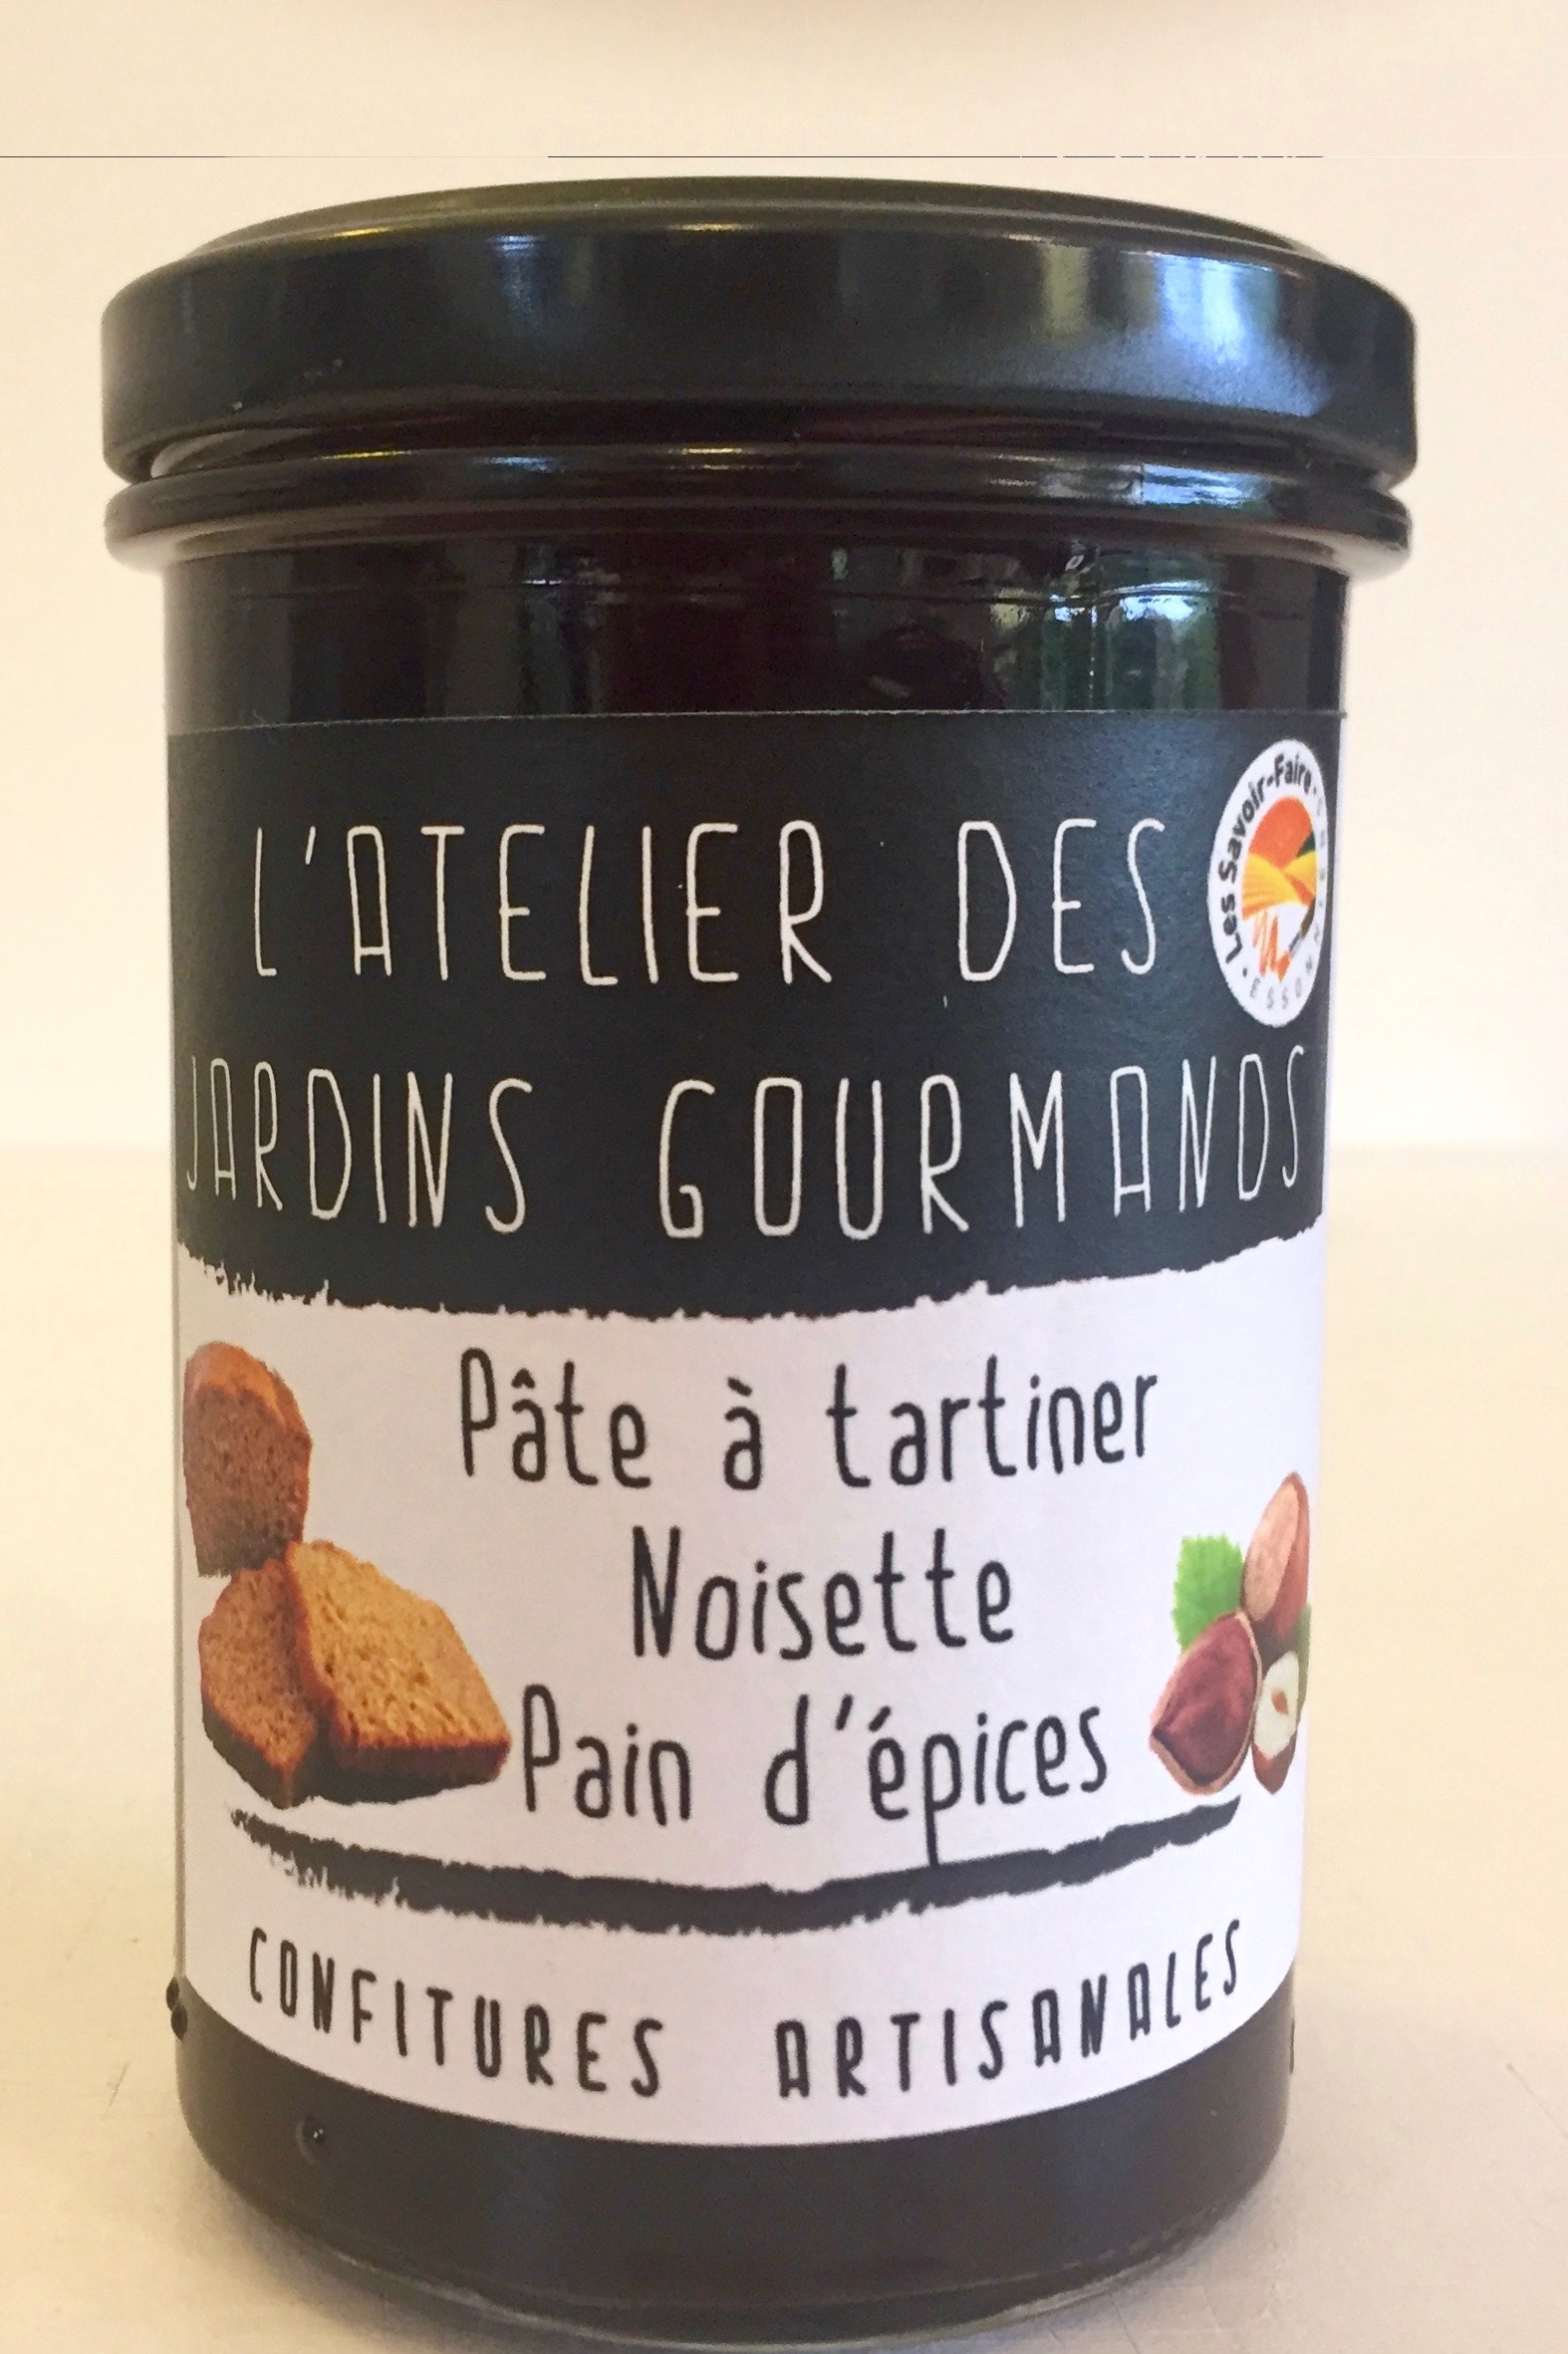 pâte à tartiner noisette-pain d'épices atelier des jardins goyrmands